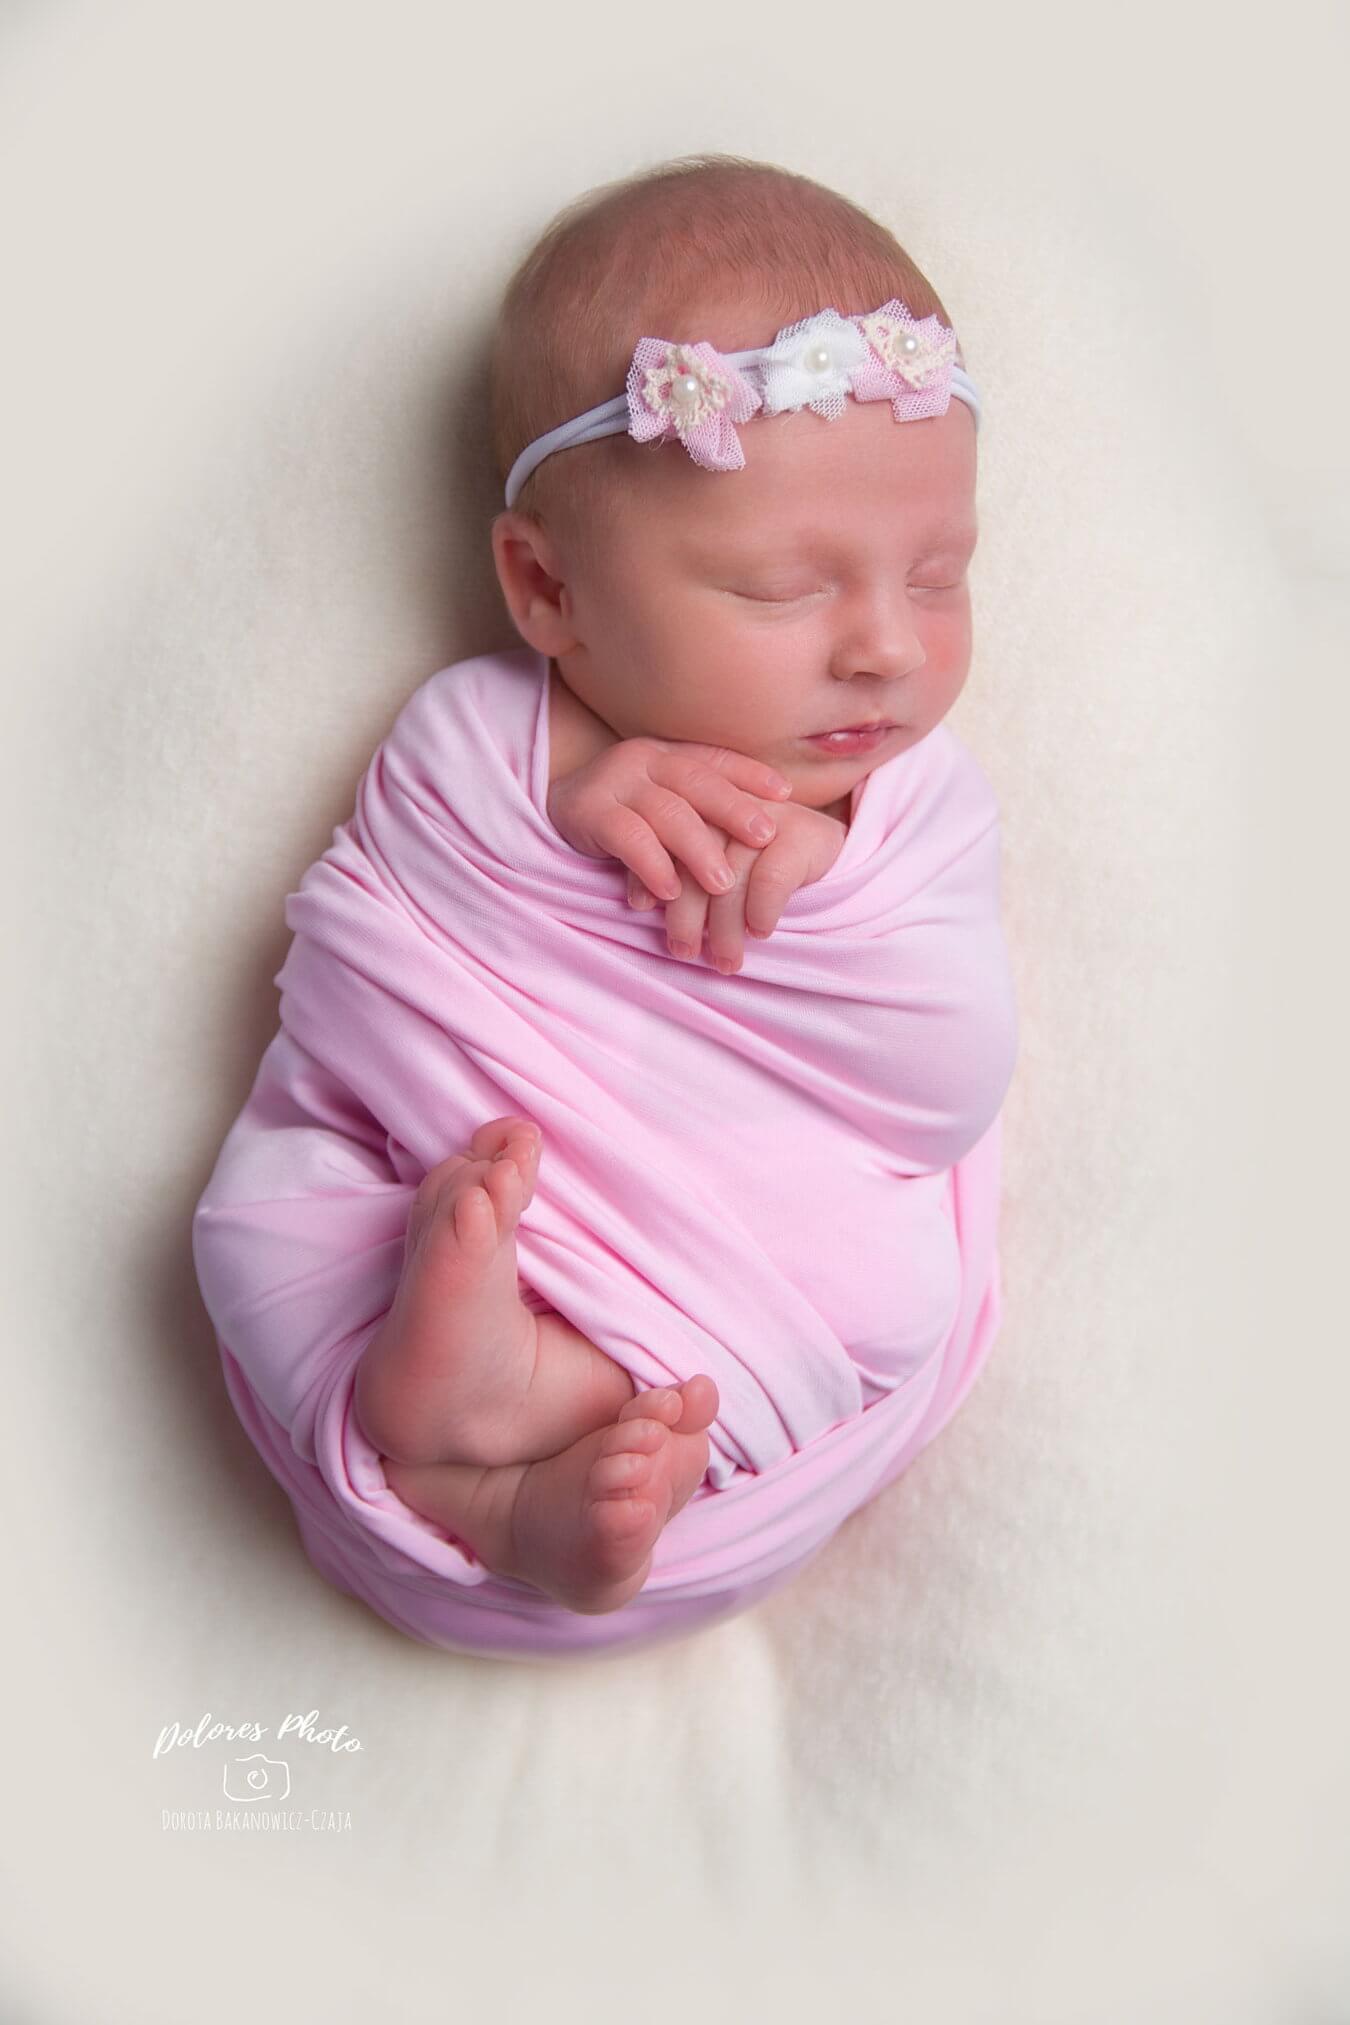 Babyfoto von Dolores Photo